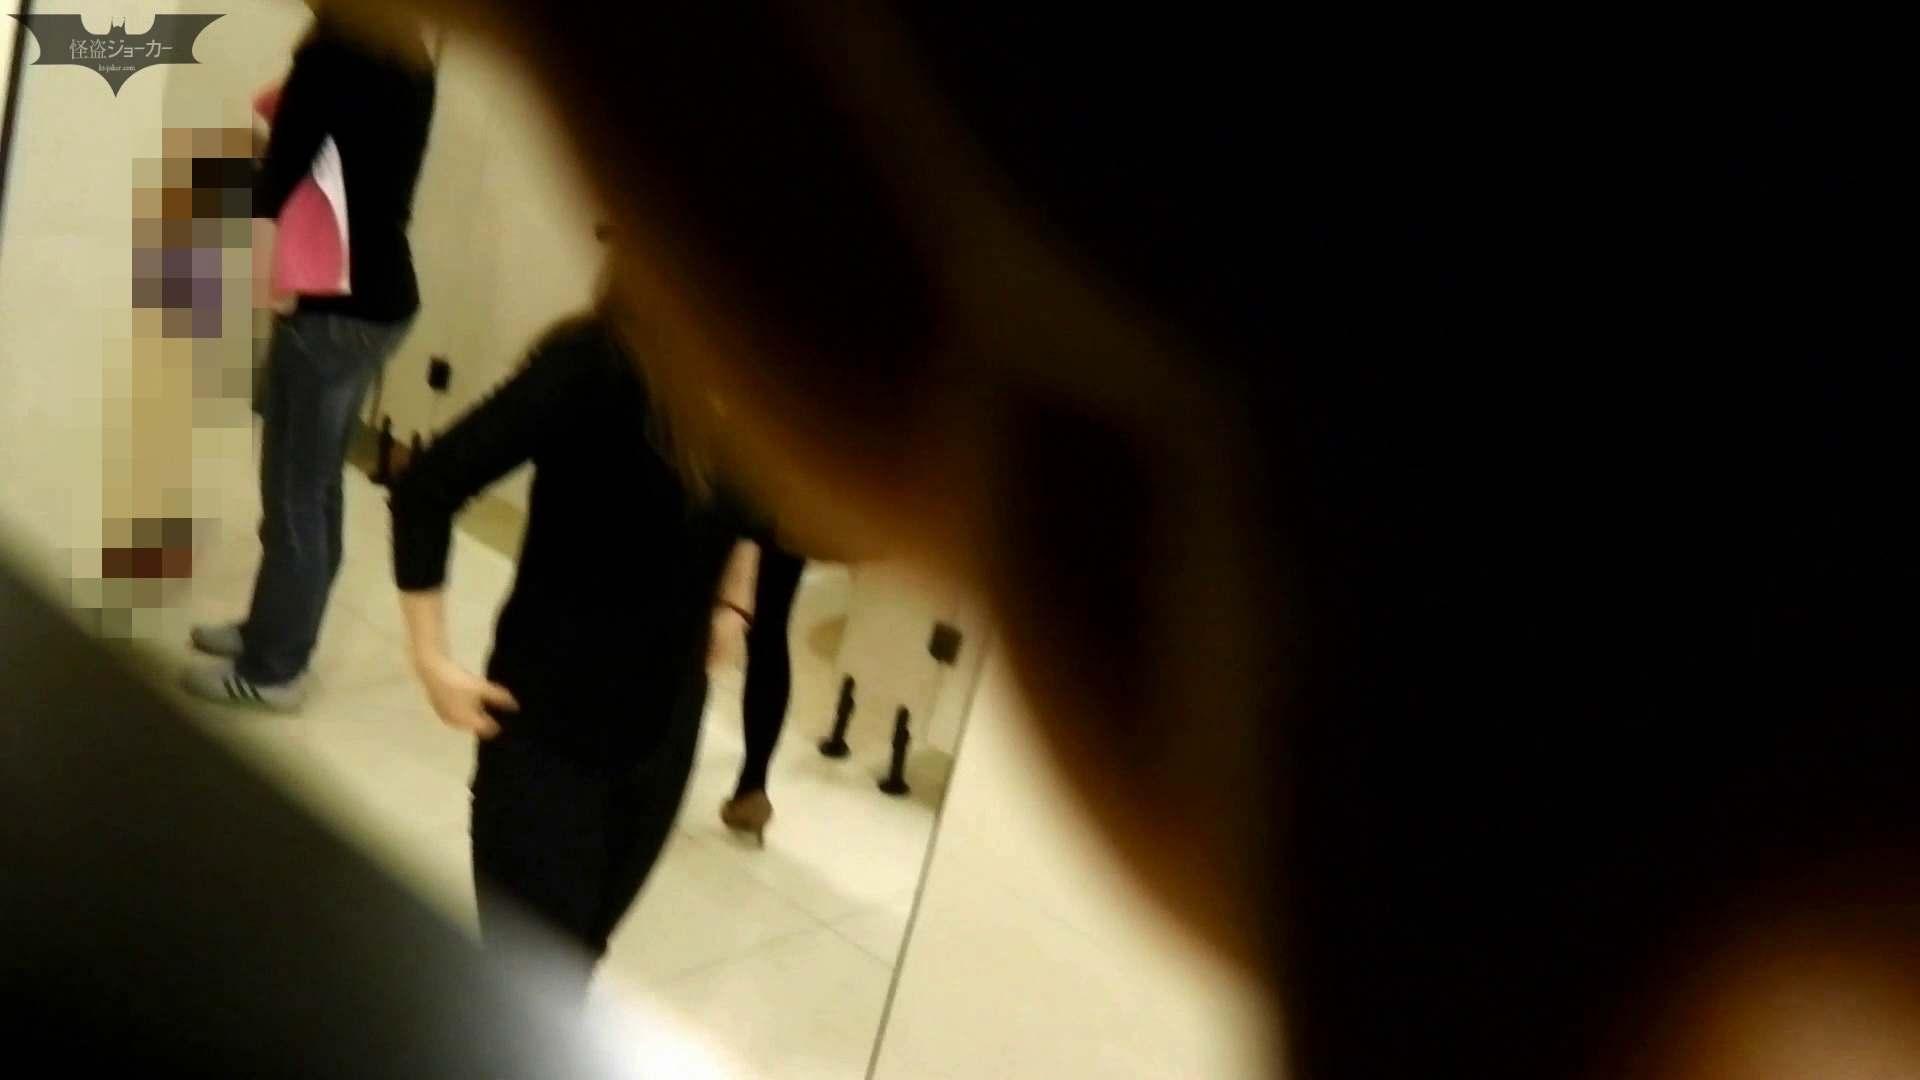 新世界の射窓 No58 機種変更?明るくなった!! 洗面所 オマンコ動画キャプチャ 107画像 4